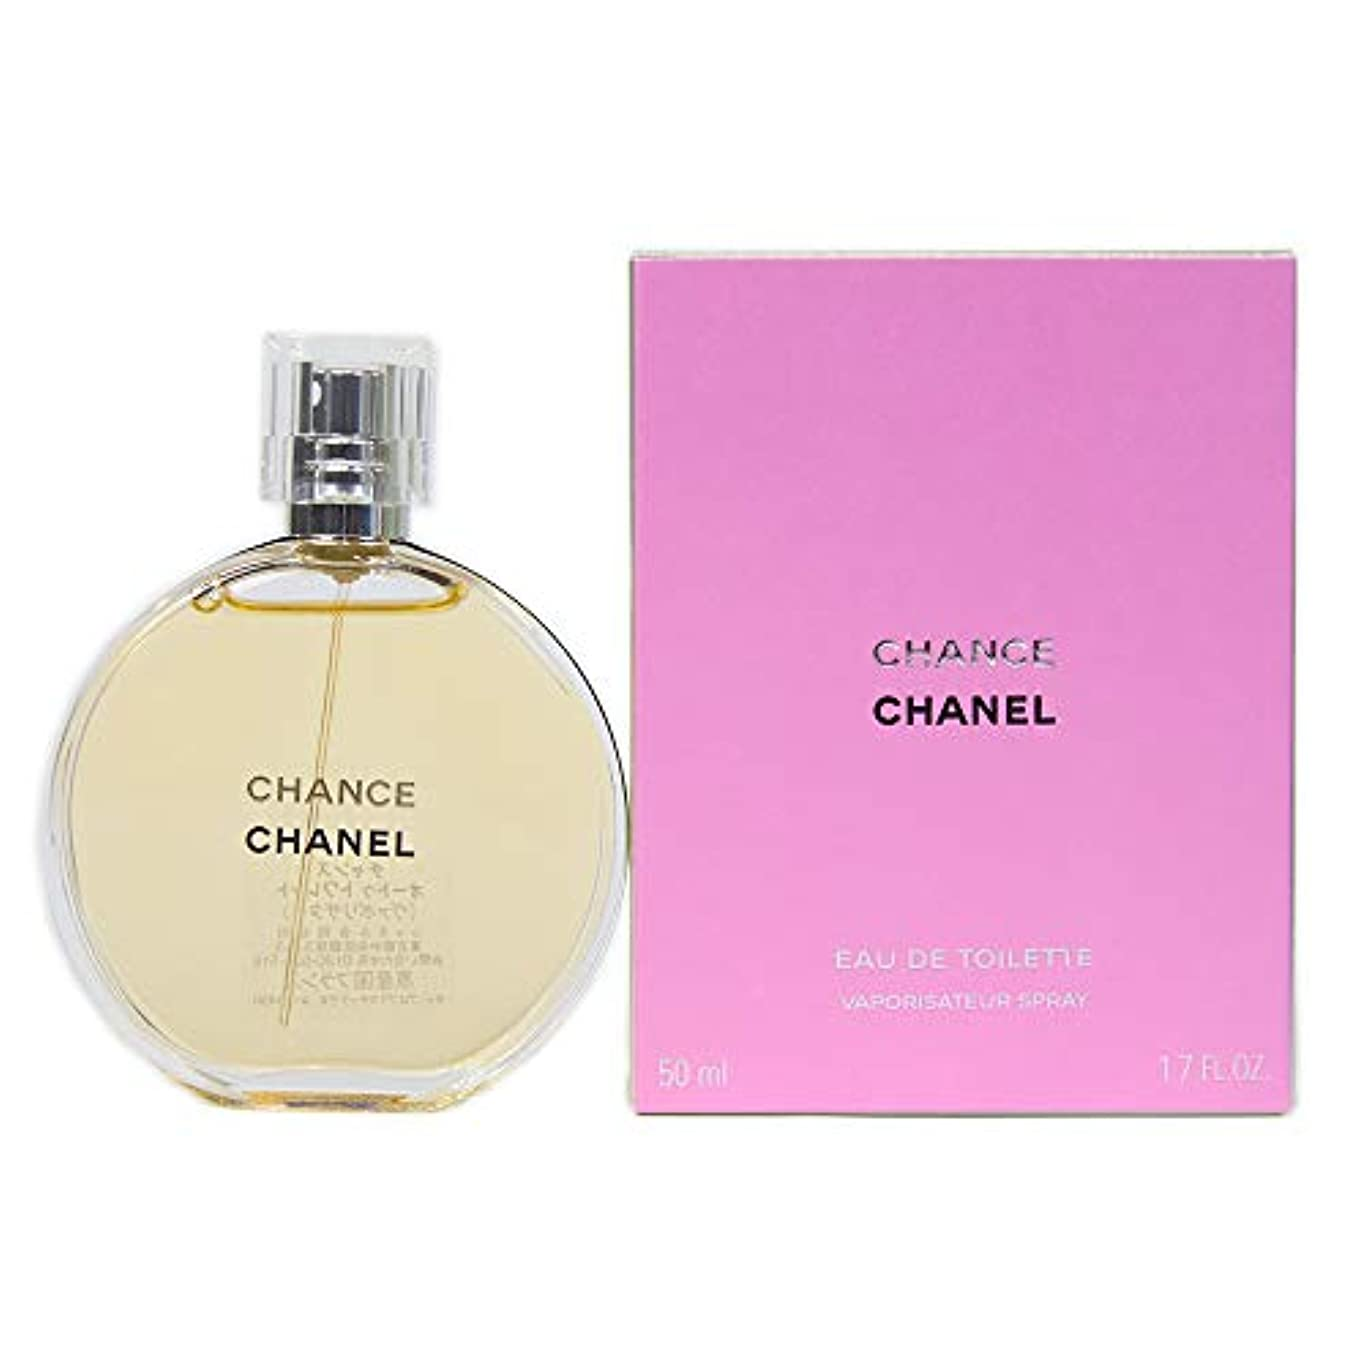 彼自身治す安いですシャネル CHANEL チャンス オードトワレ EDT 50mL 香水